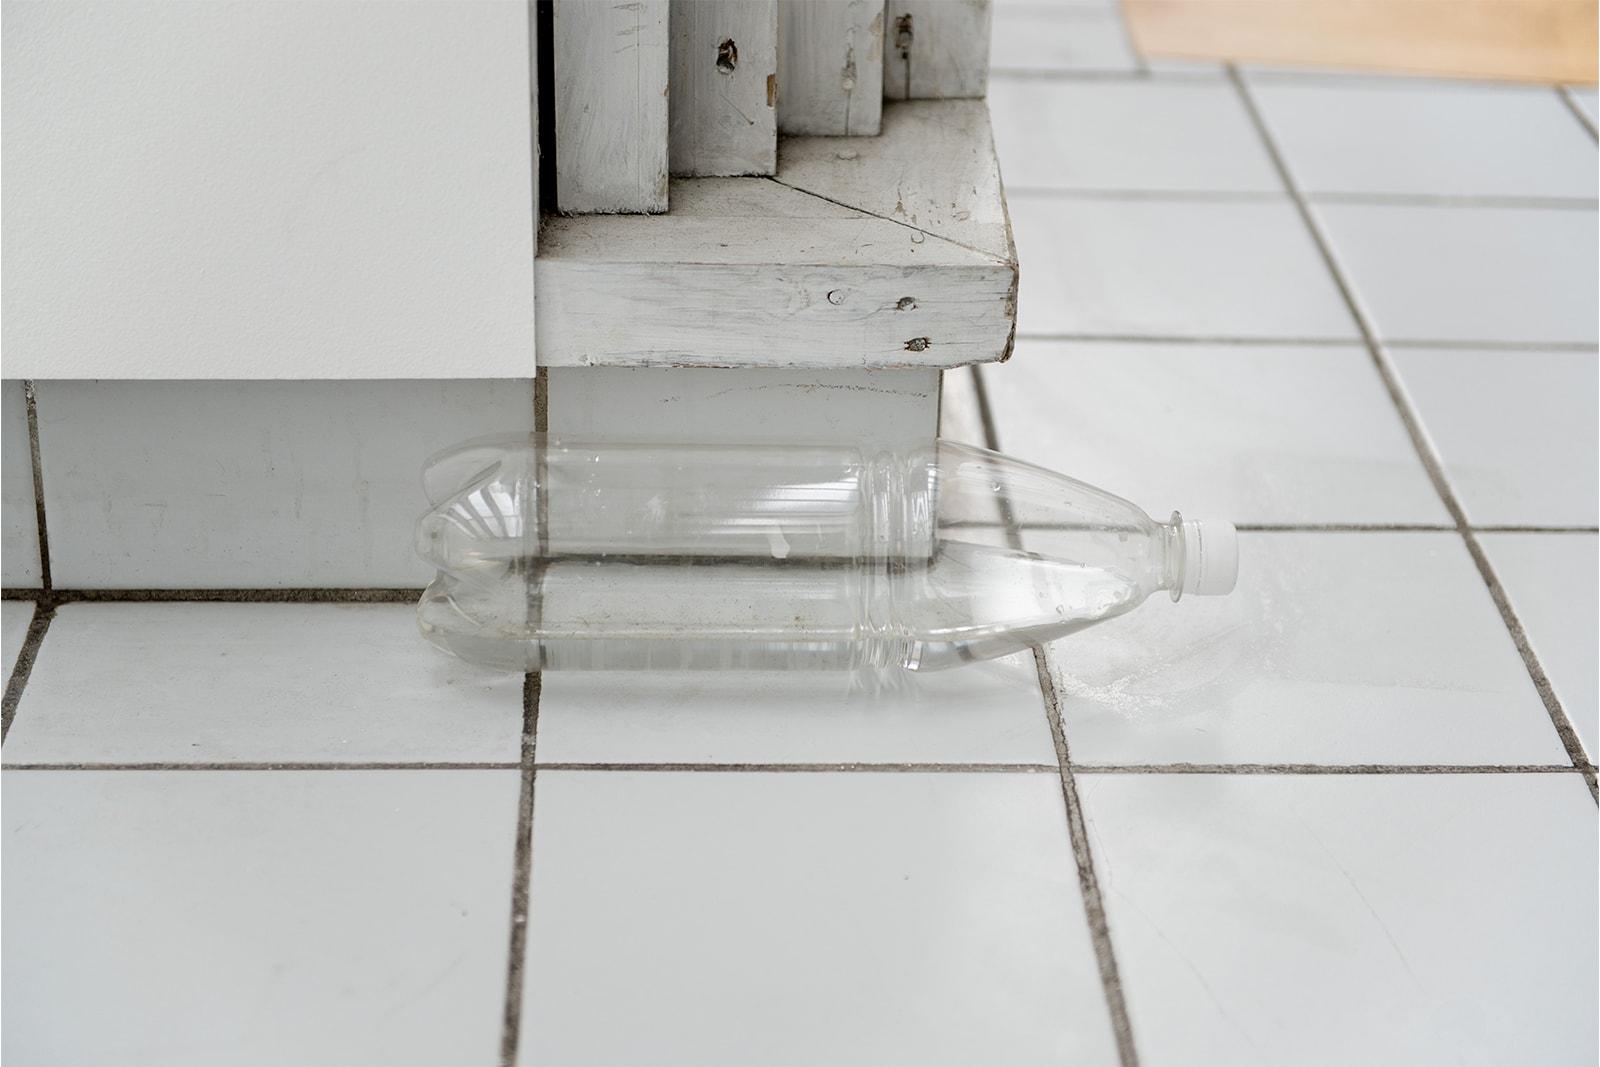 A Bottle Of Ocean Water (Tromsø) - Plastic bottle, ocean water, 2013